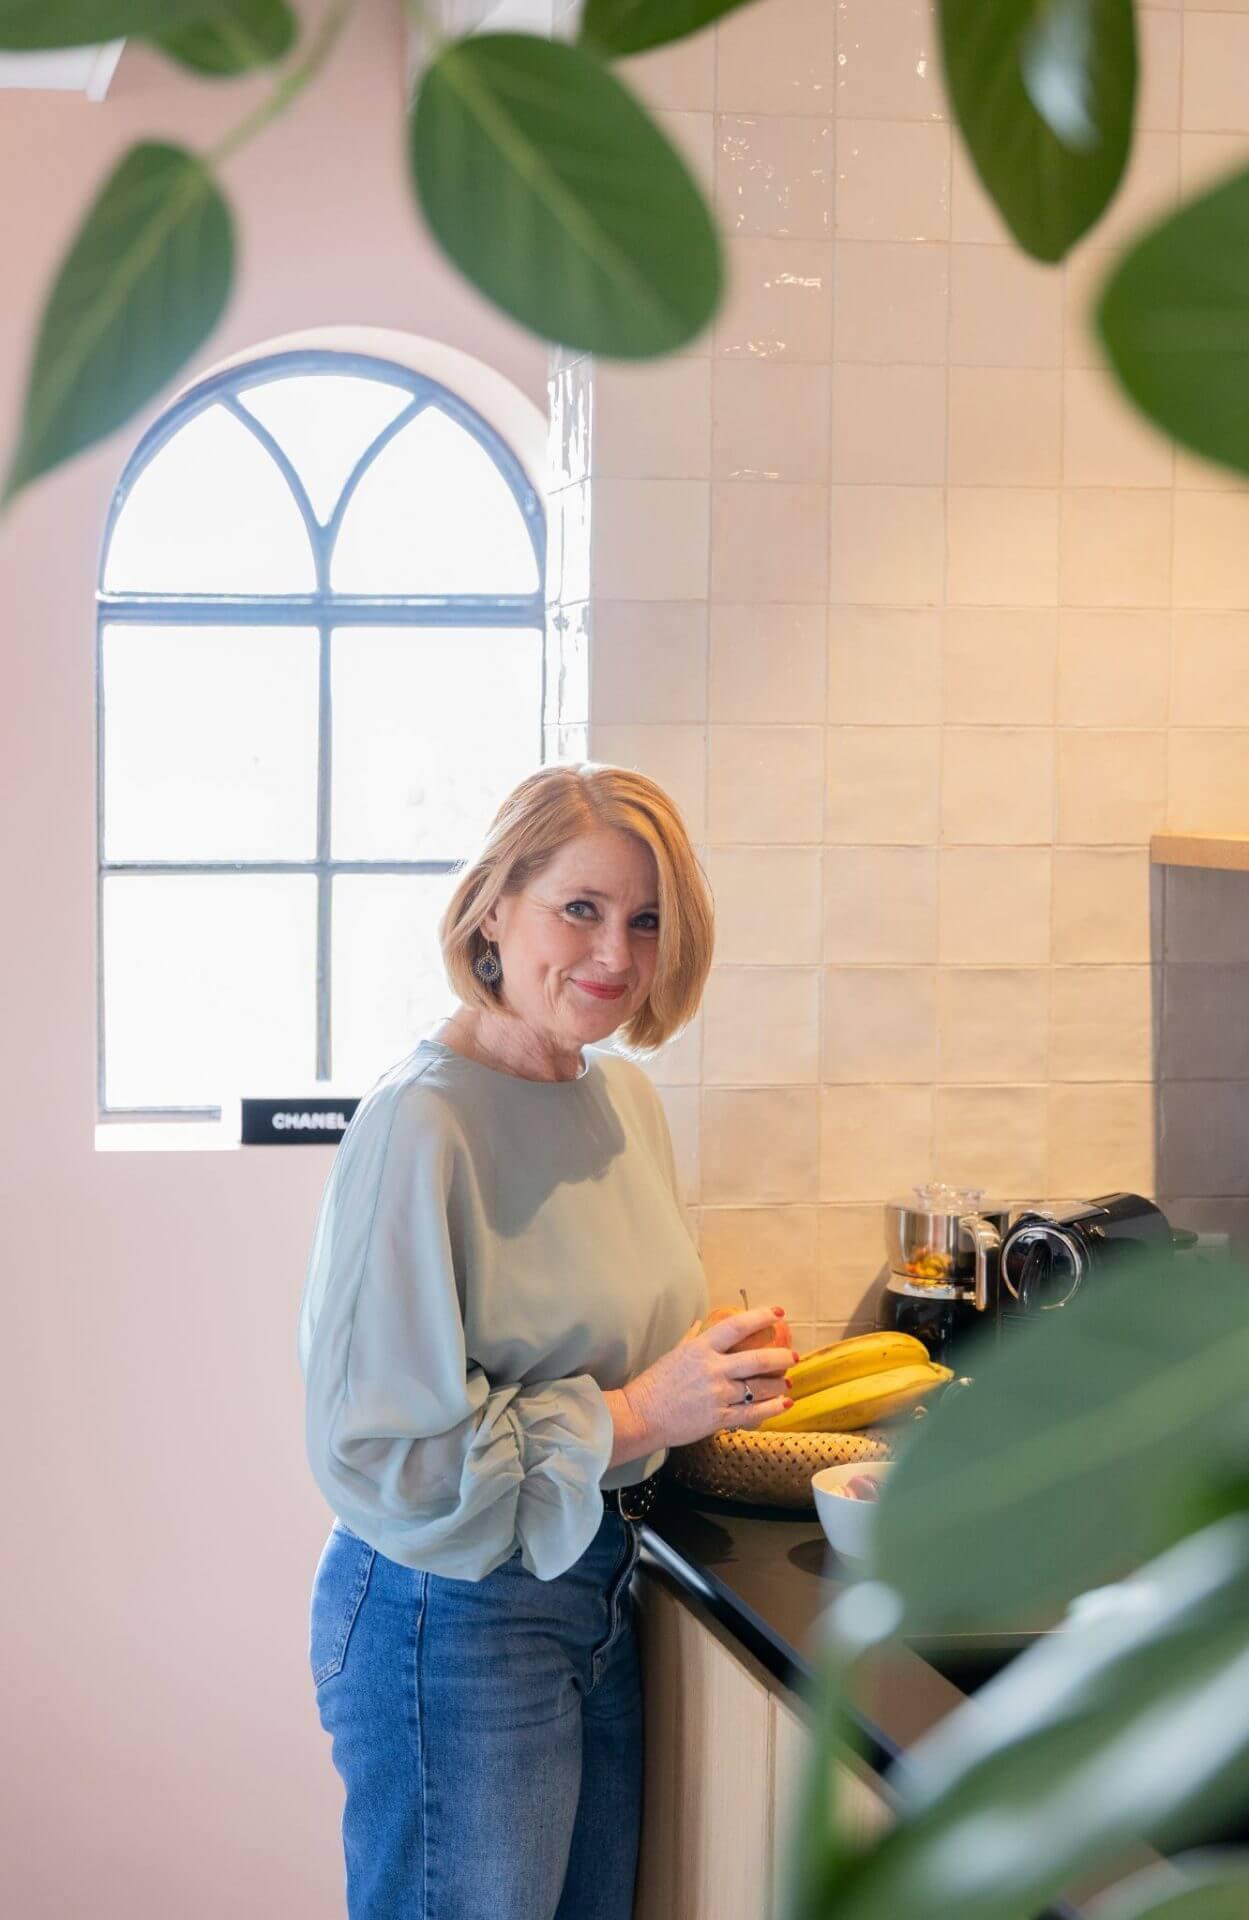 Claudia Vesters Keuken coaching stappenplan voeding hormonen